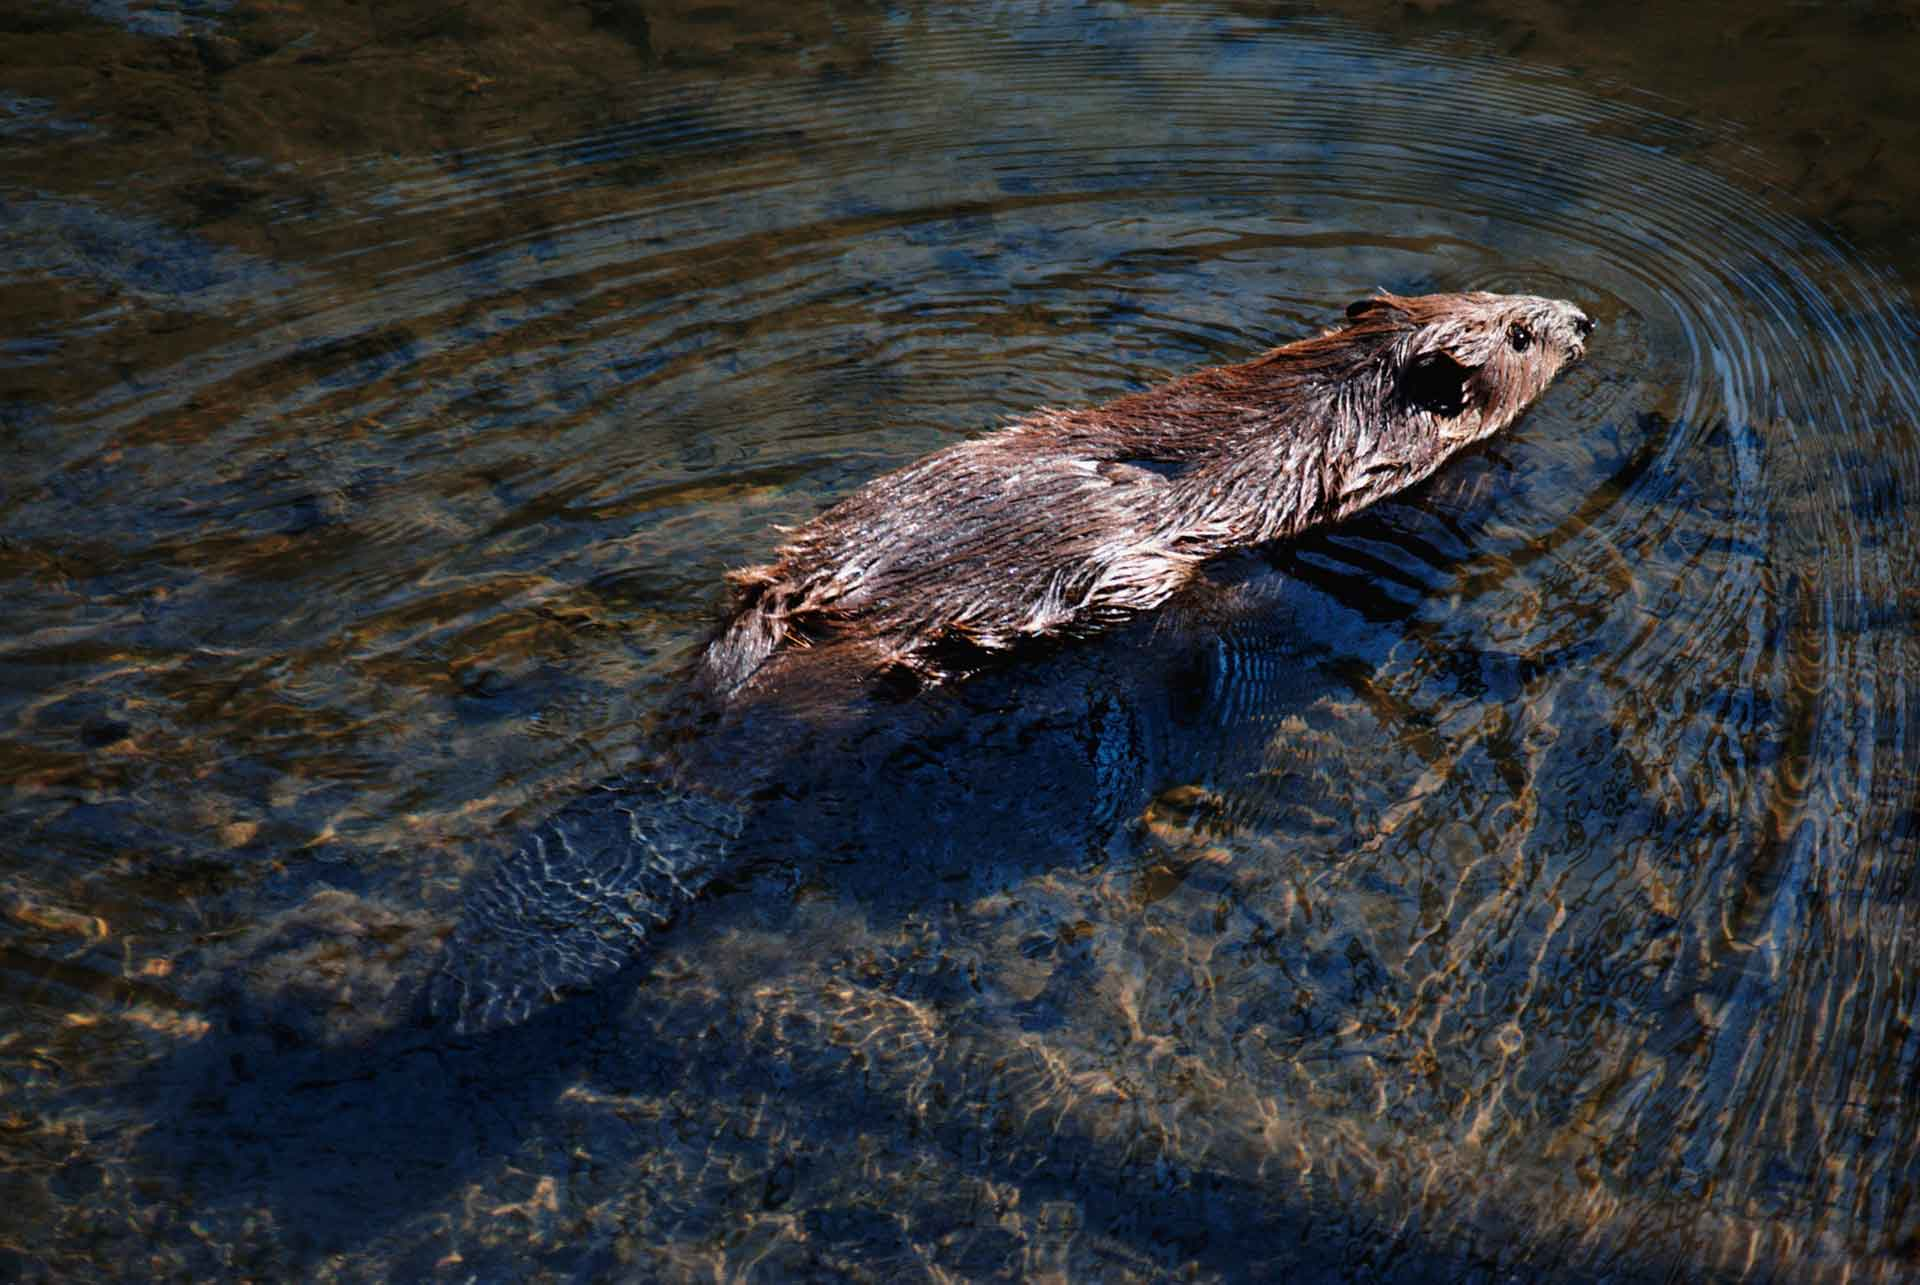 Бобры живут у воды и отлично плавают